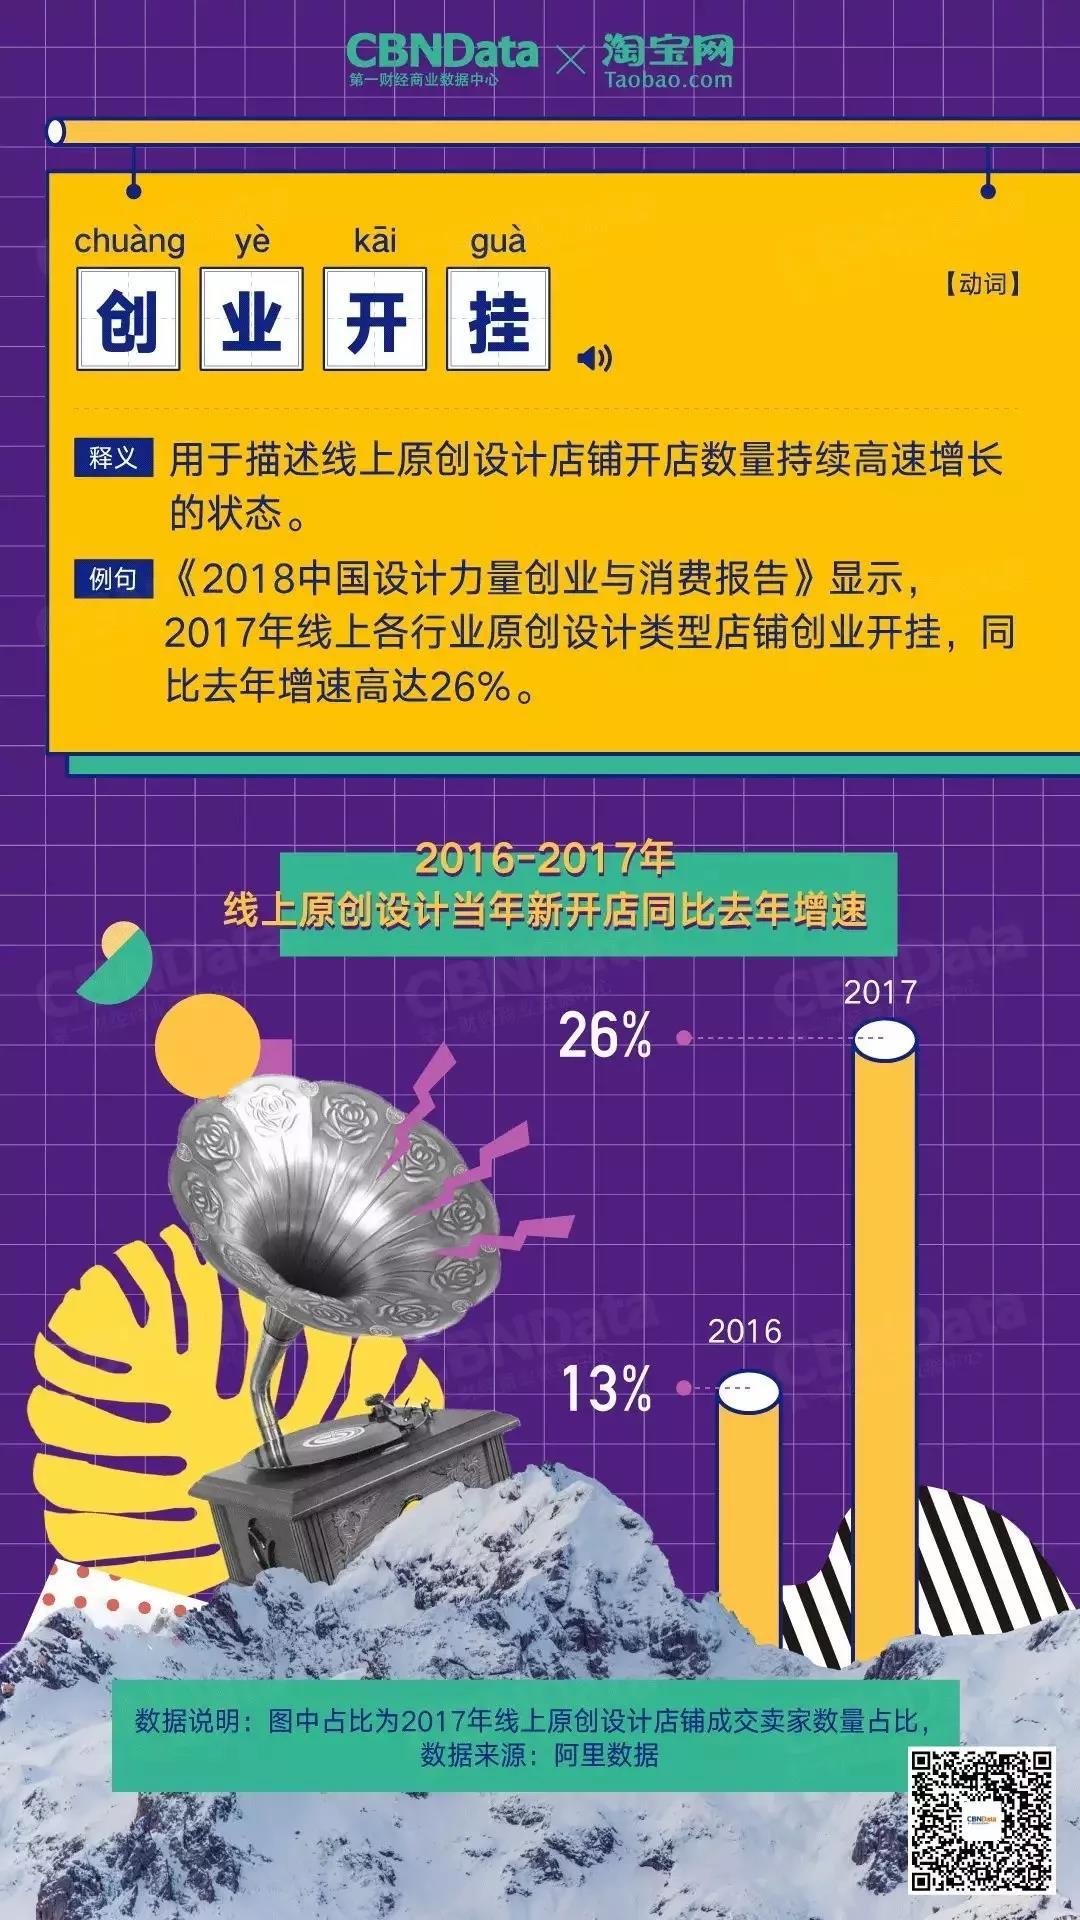 百亿成交规模、1.7亿人次热搜,中国原创设计迎来创业高峰0.jpg